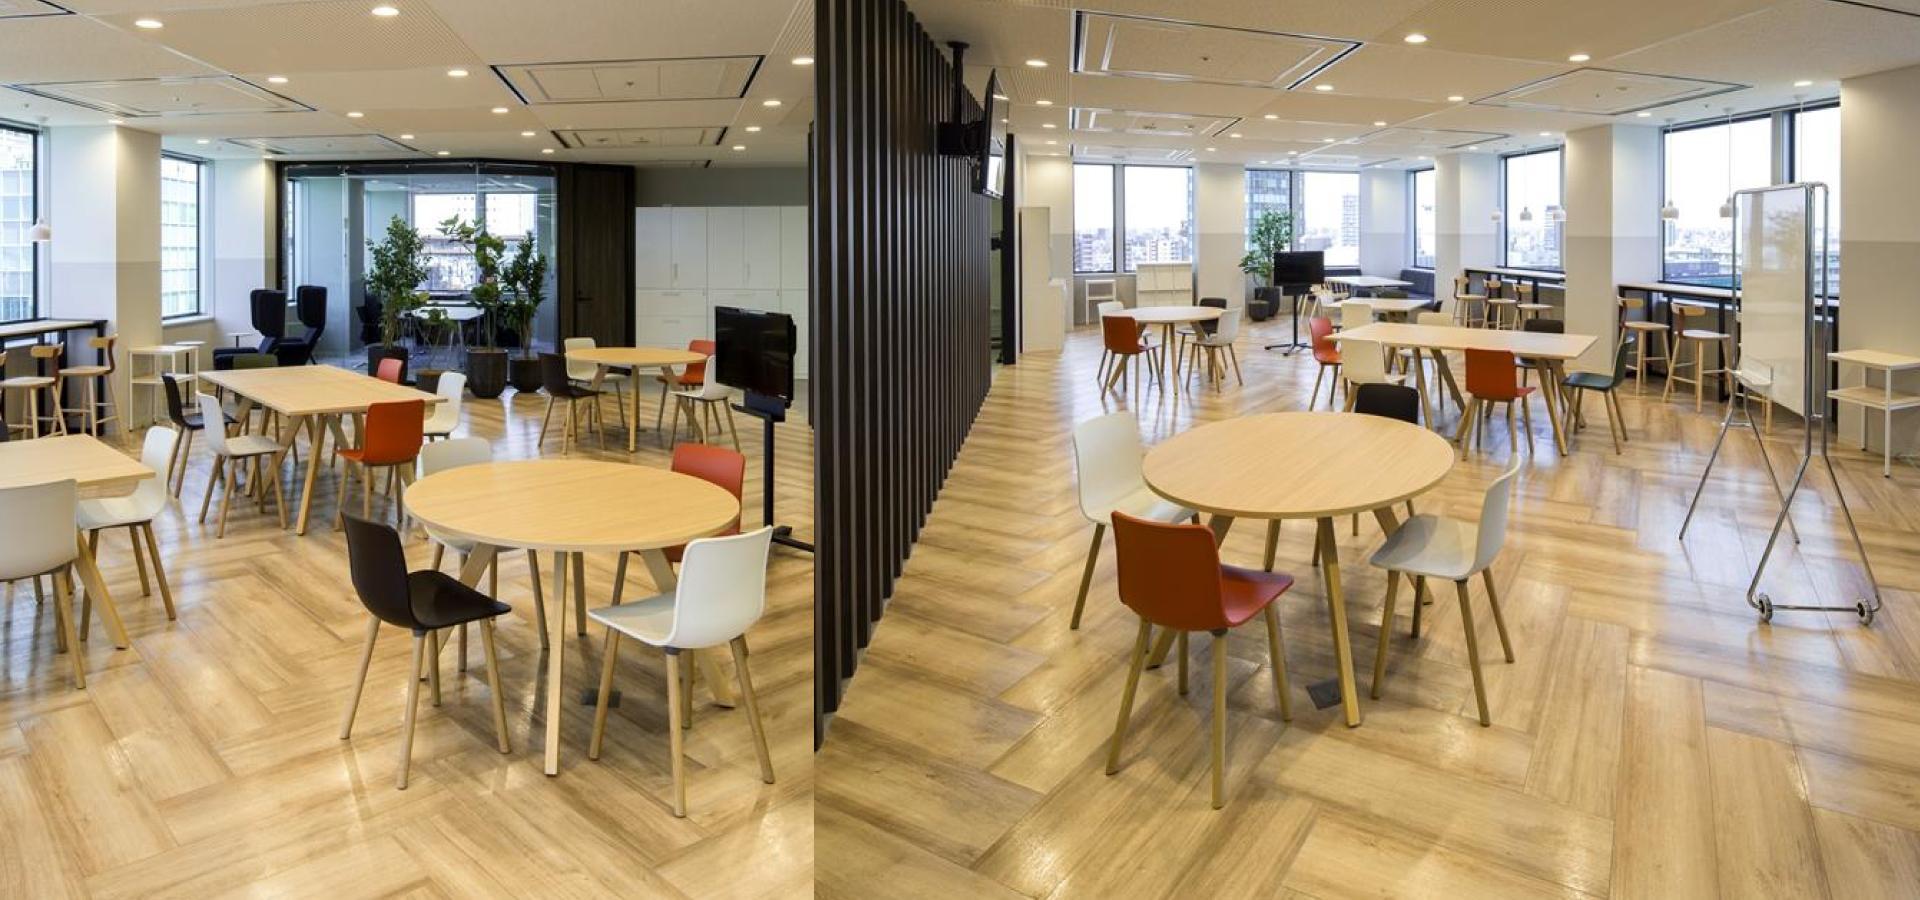 クローダジャパン様のオフィスカフェ事例